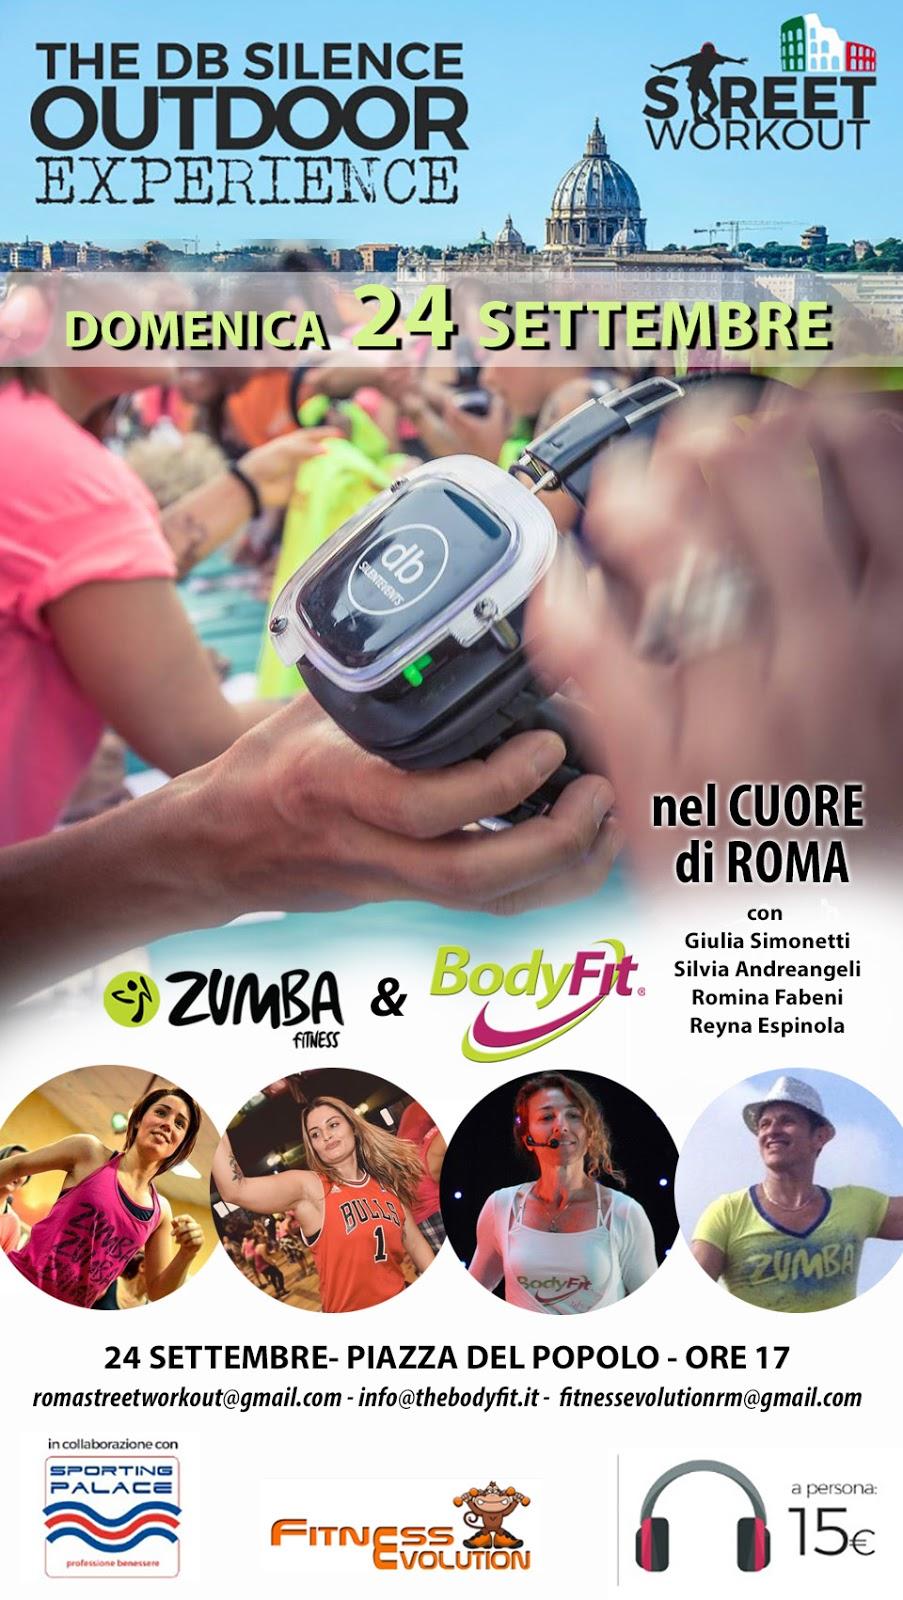 http://www.thebodyfit.it/wp-content/uploads/2017/05/BodyFit-Zumba-SW-24sett17-foto.jpg